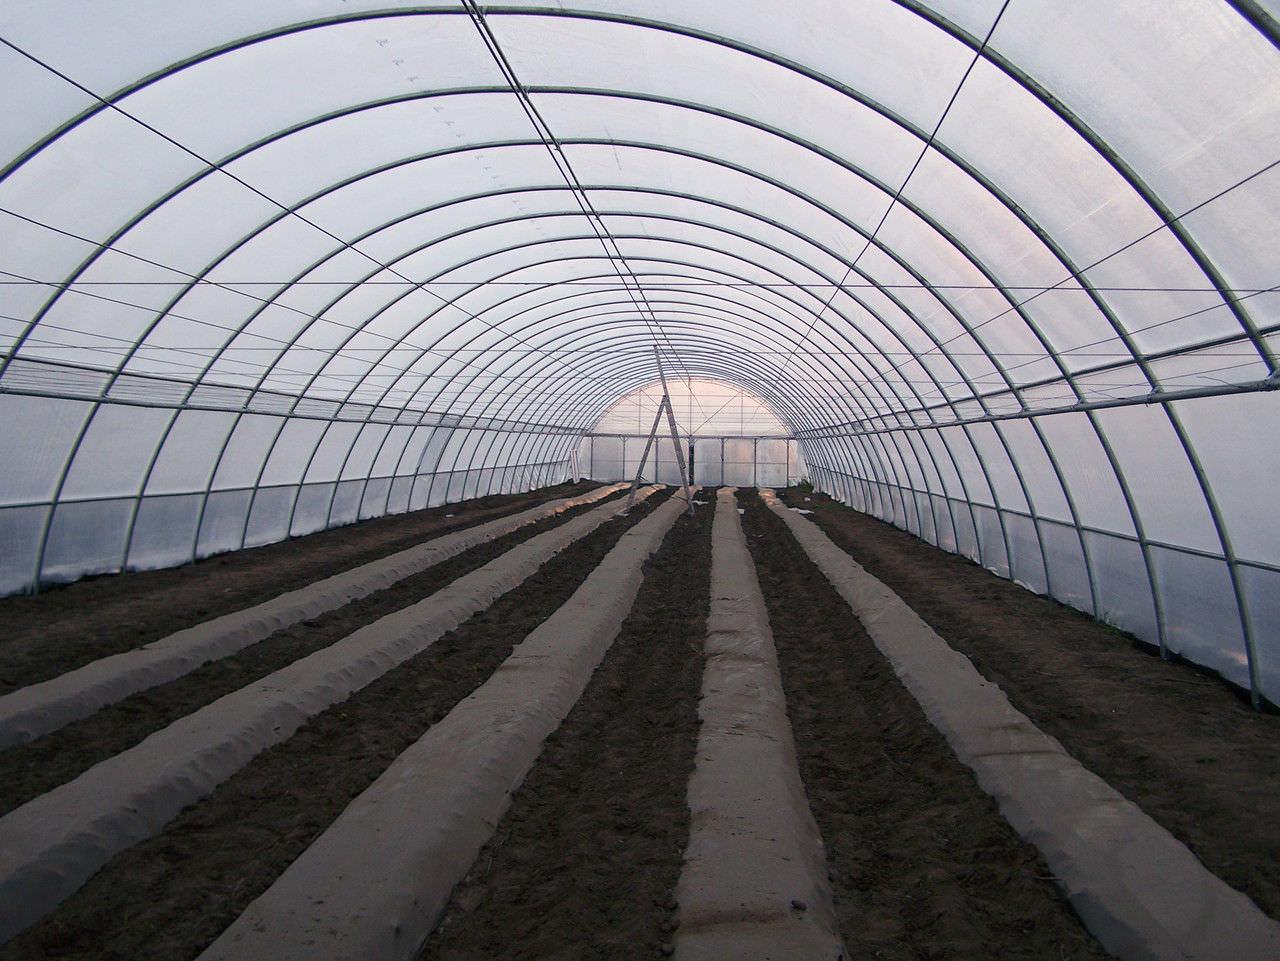 Промышленная фермерская теплица предназначена для выращивания растительных культур в крупных объемах